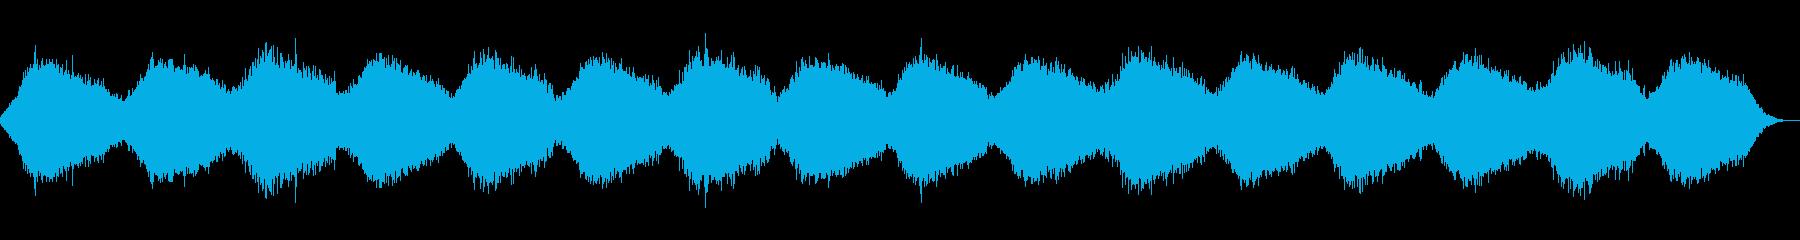 鐘の音が印象的なヒーリング・アンビエントの再生済みの波形